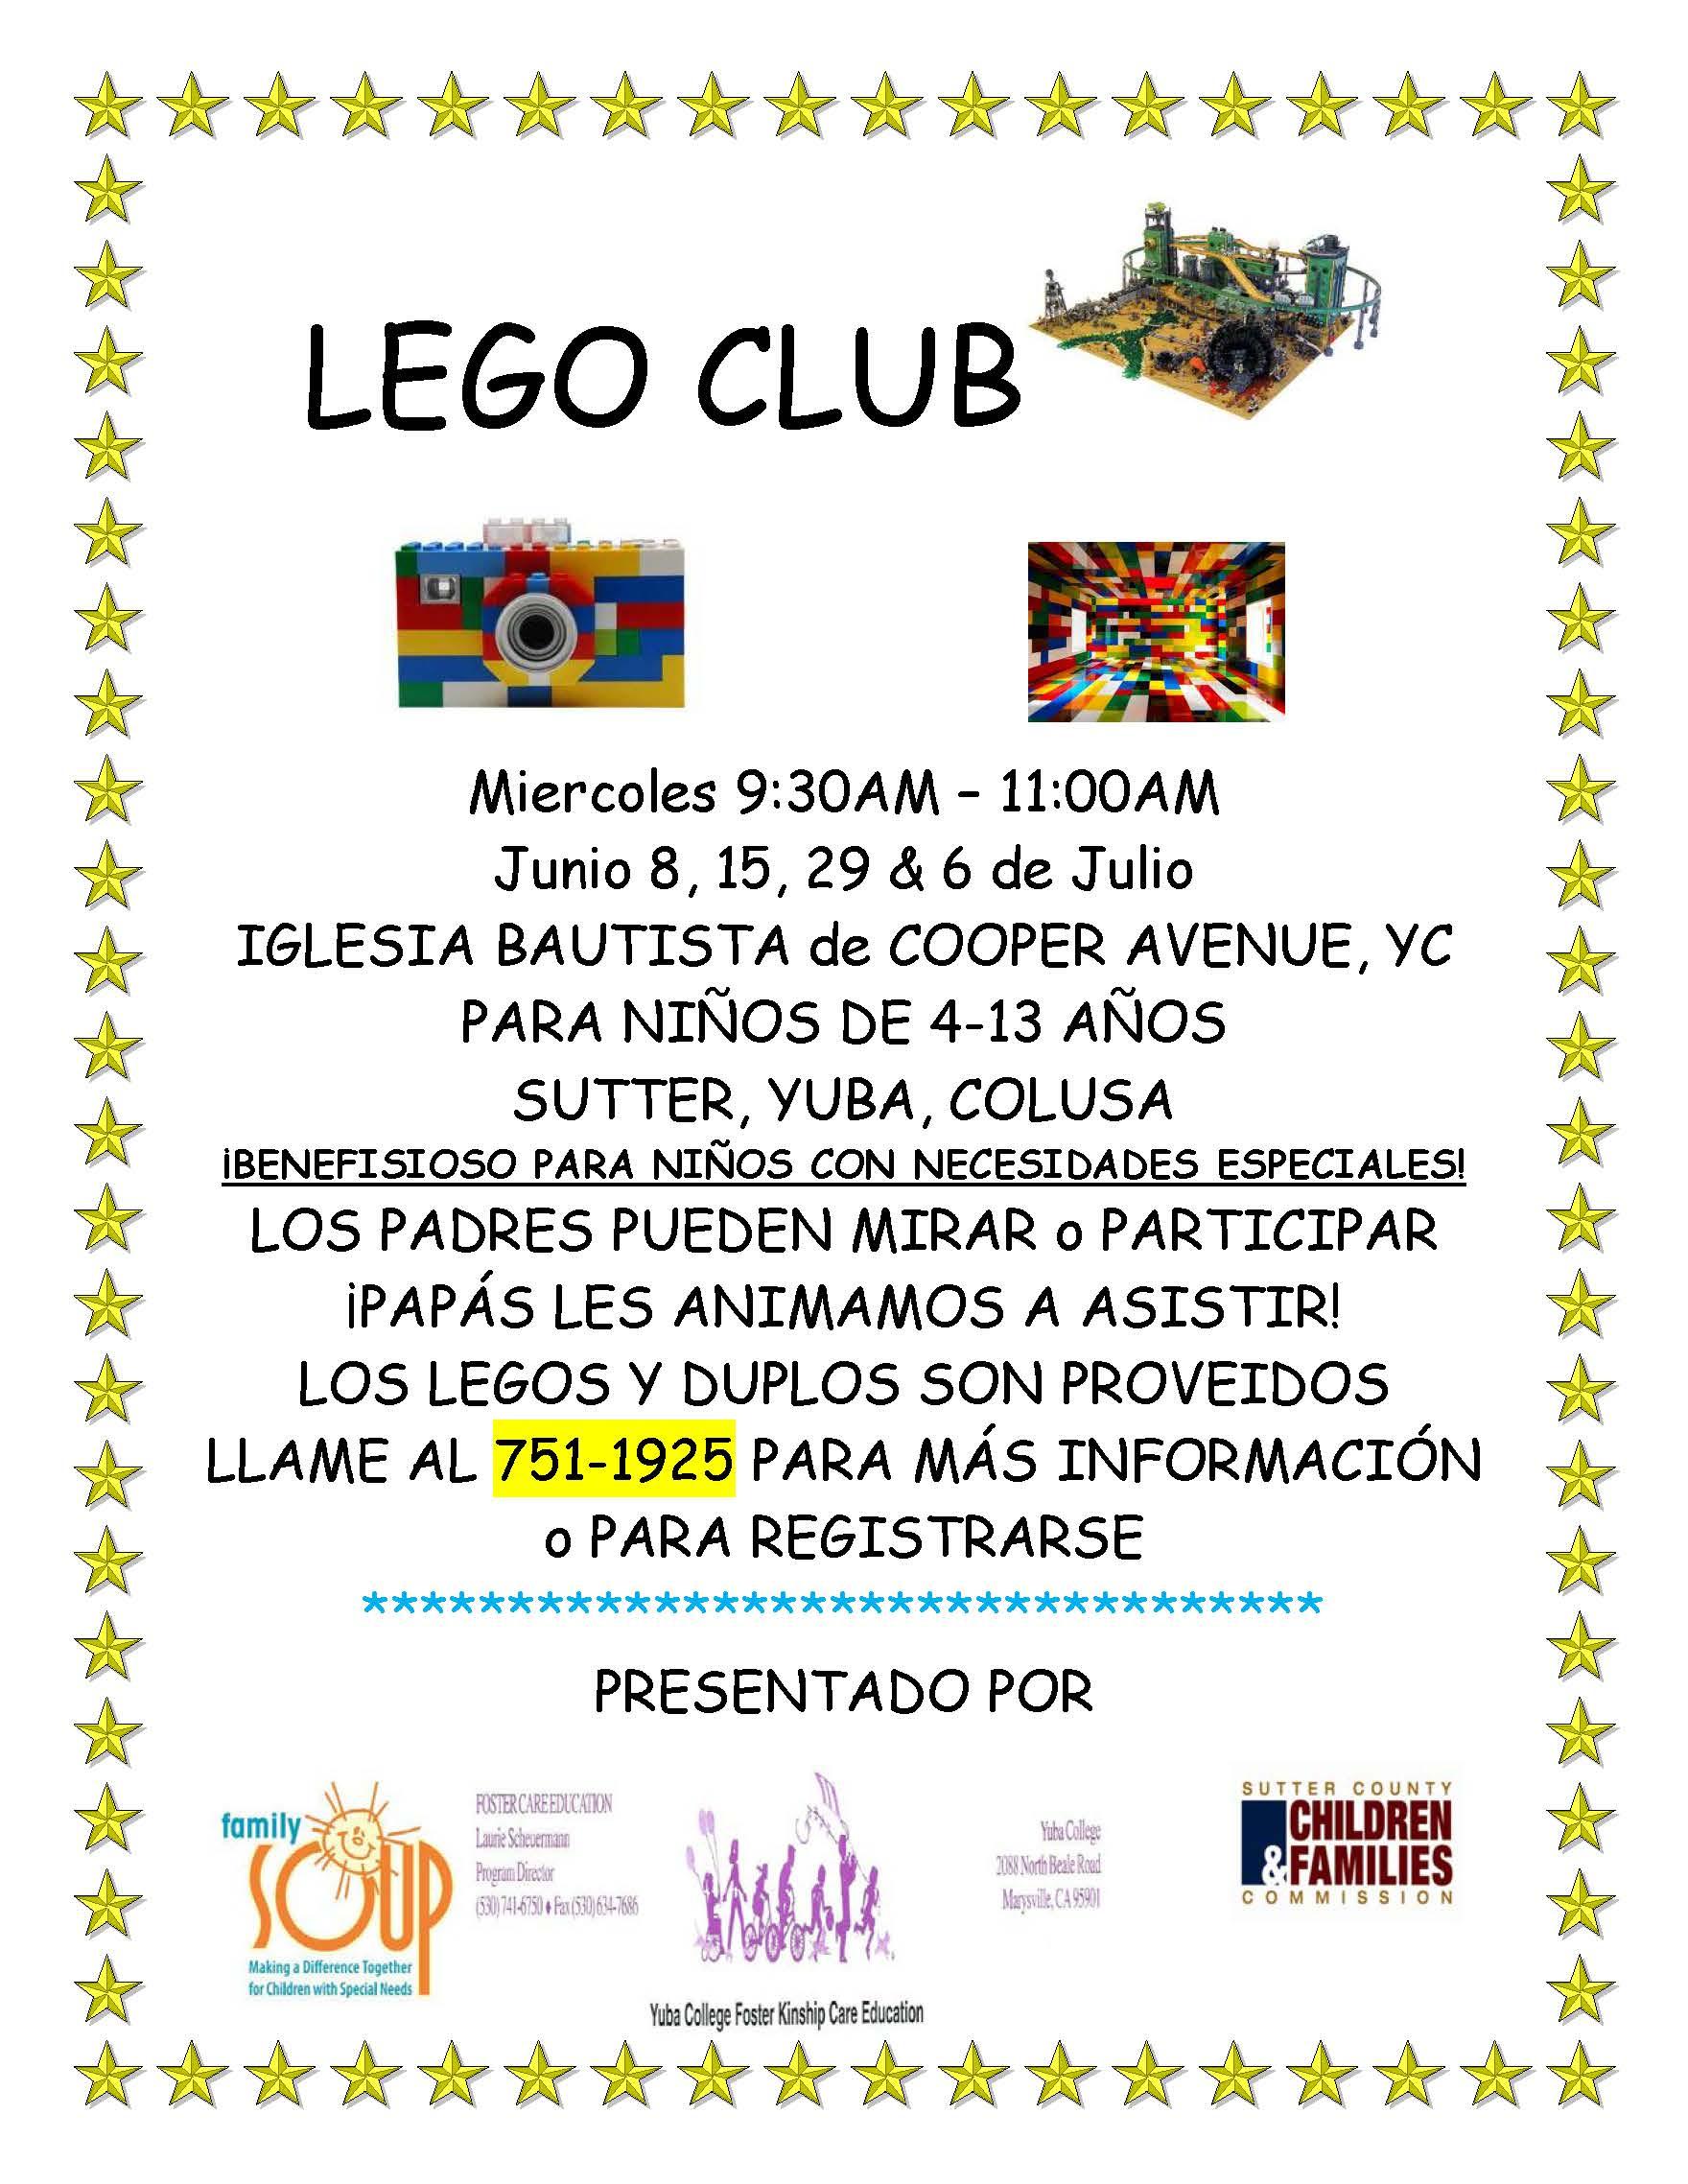 LEGO CLUB Spanish5.12.16